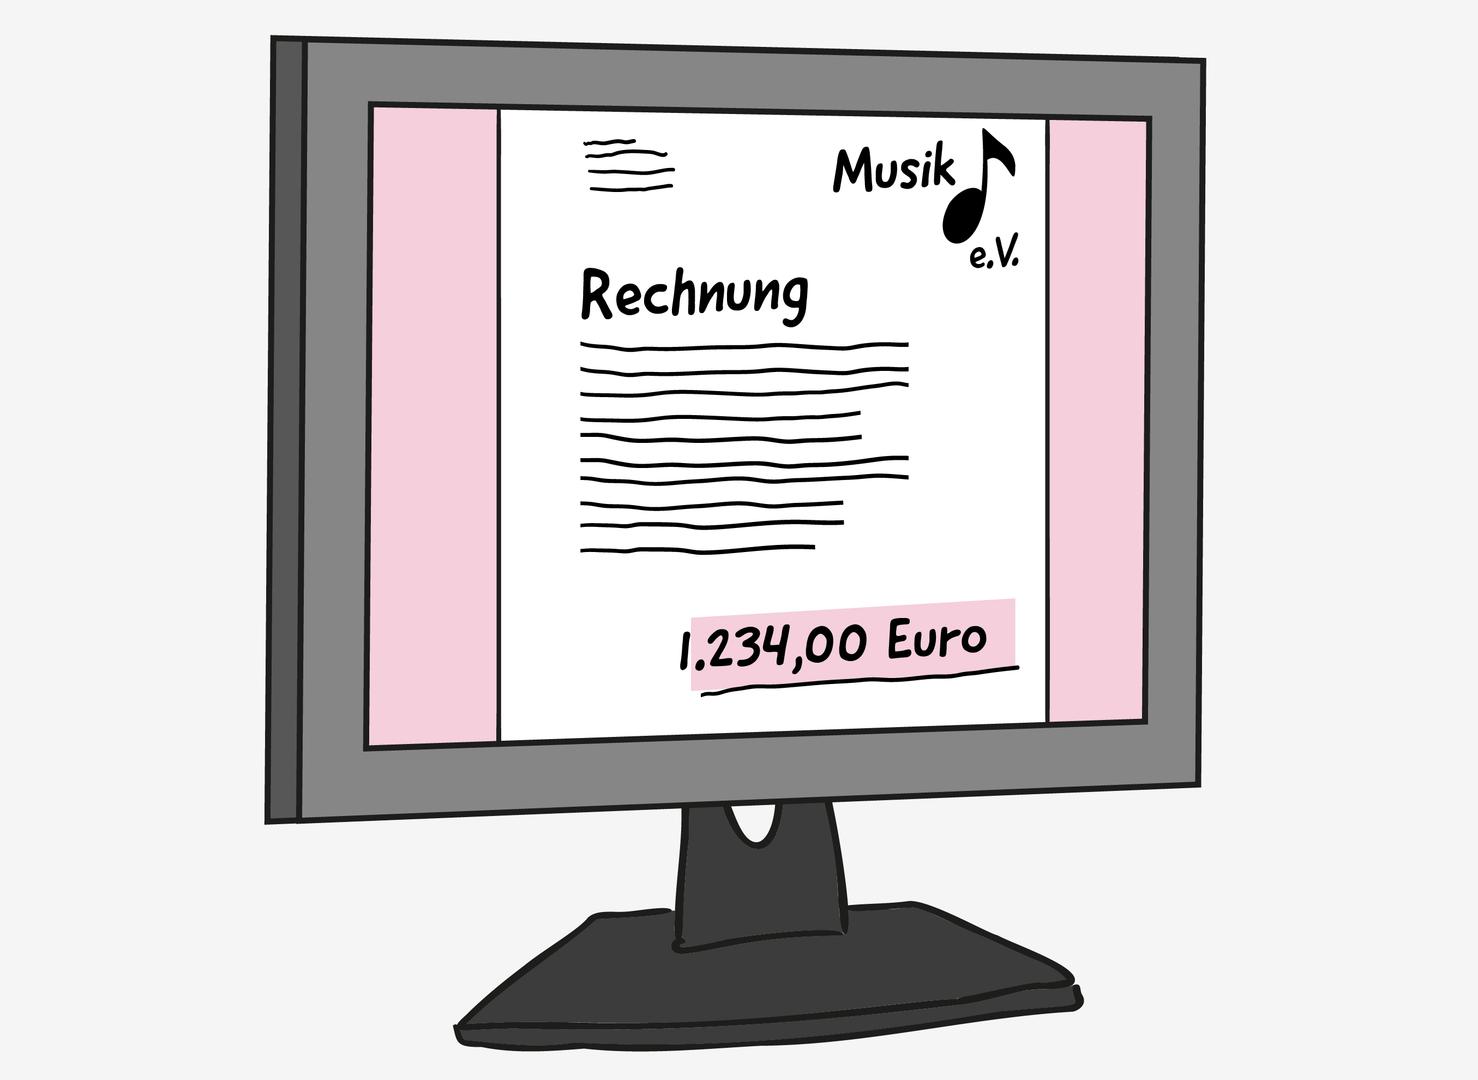 Auf einem Computer-Bildschirm ist ein Dokument abgebildet. Darauf steht groß: Rechnung. Darunter ist winziger Text. Oben links im Dokument steht eine winzige Anschrift. Oben rechts steht: Musik e.V. und ein Noten-Symbol. Am unteren Rand steht hervorgehoben: 1.234,00 Euro.